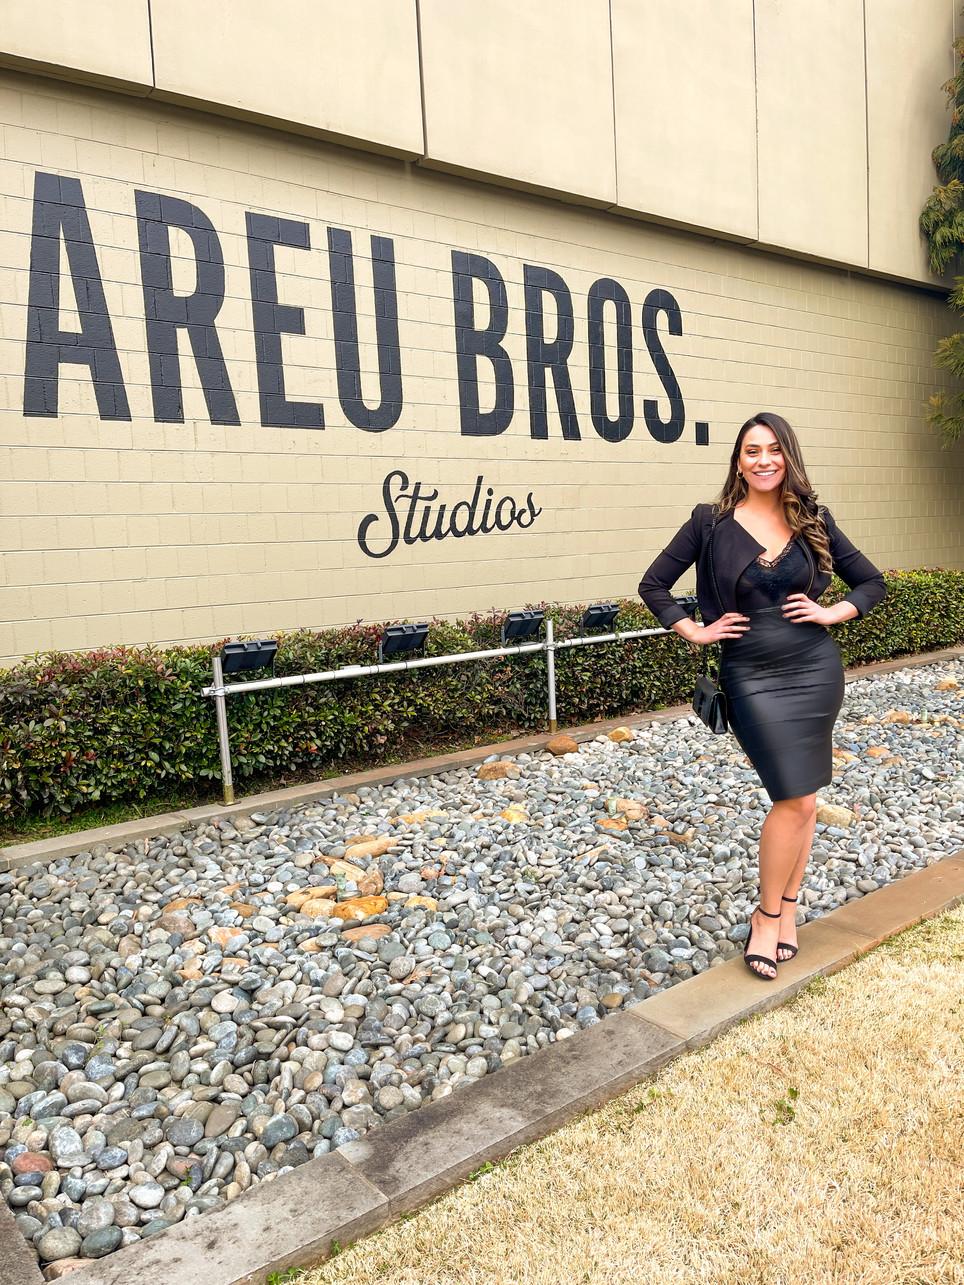 Meeting With Ozzie Areu CEO of Areu Bros Studios.